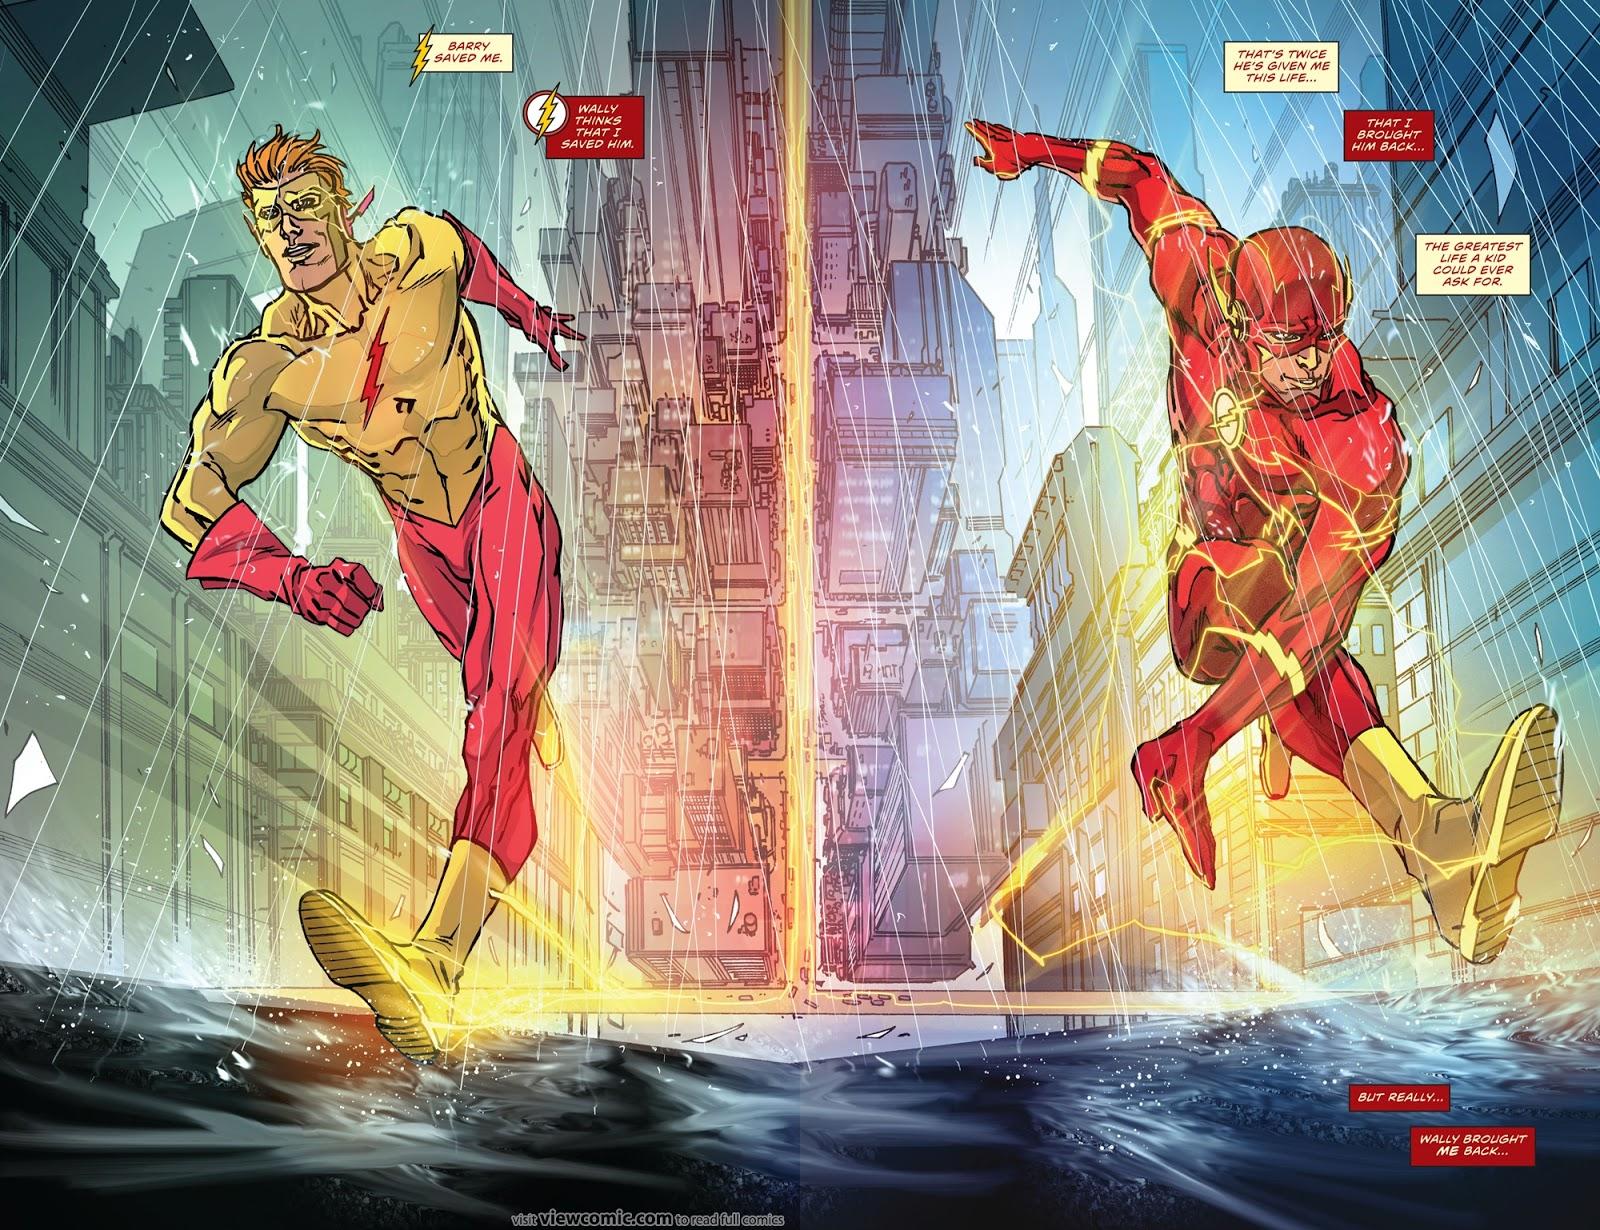 983-987 - Les comics que vous lisez en ce moment - Page 2 37_17